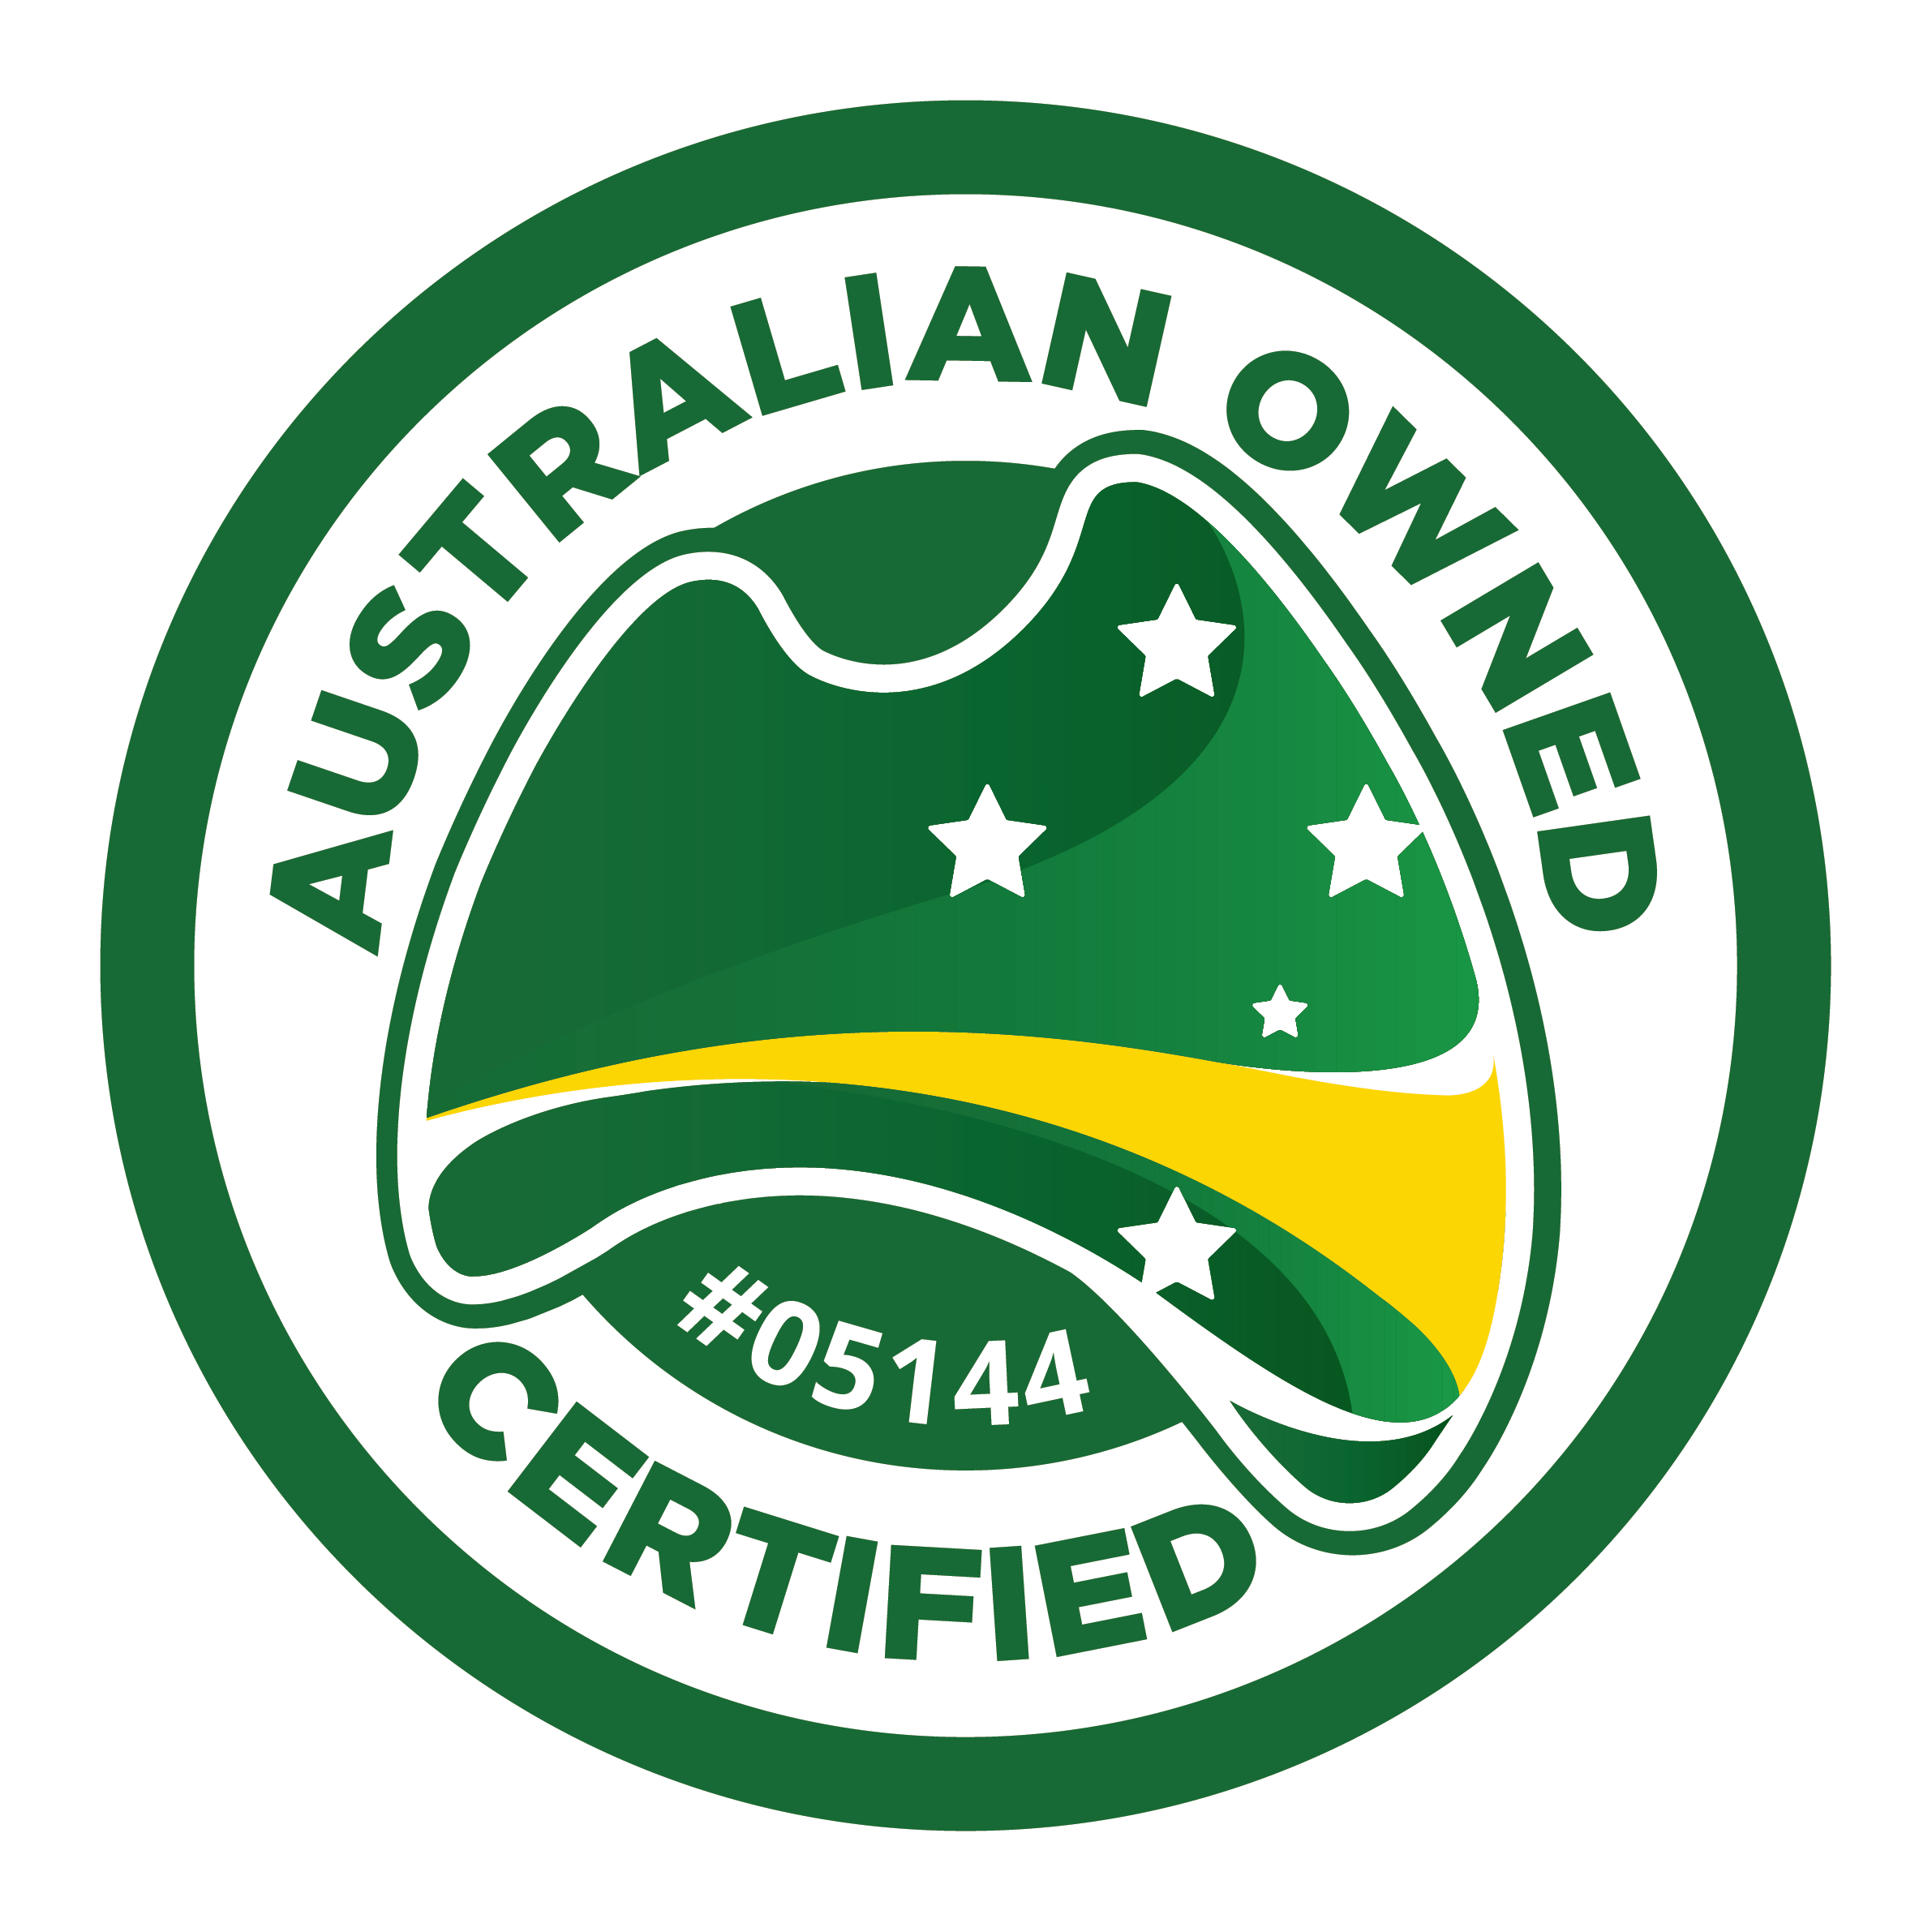 Australian Owned Certified logo